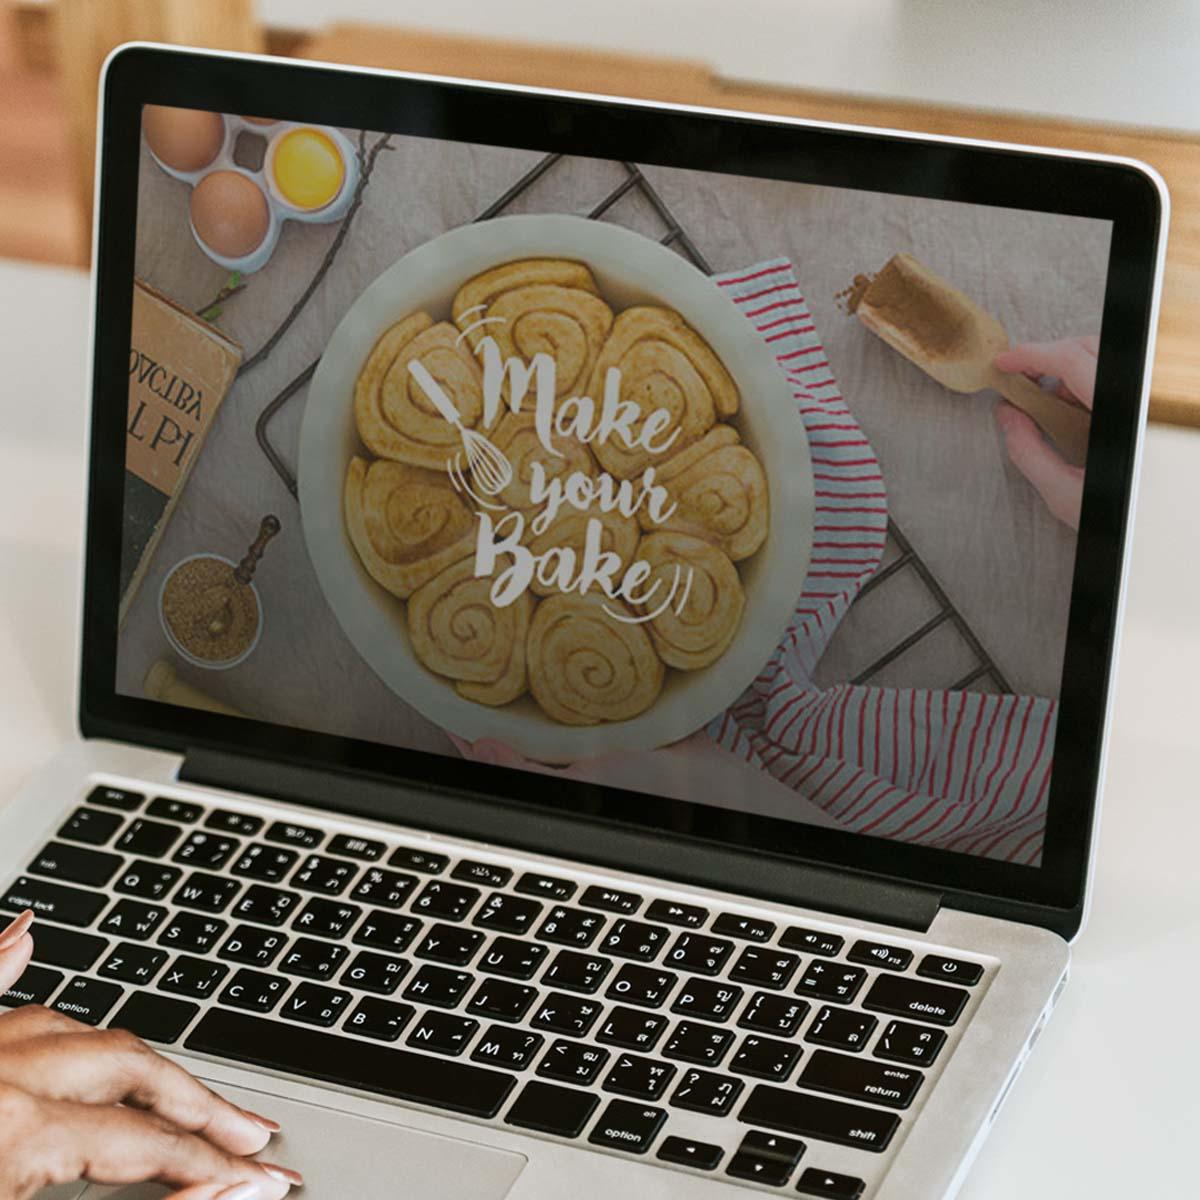 Make Your bake webblog online marketing